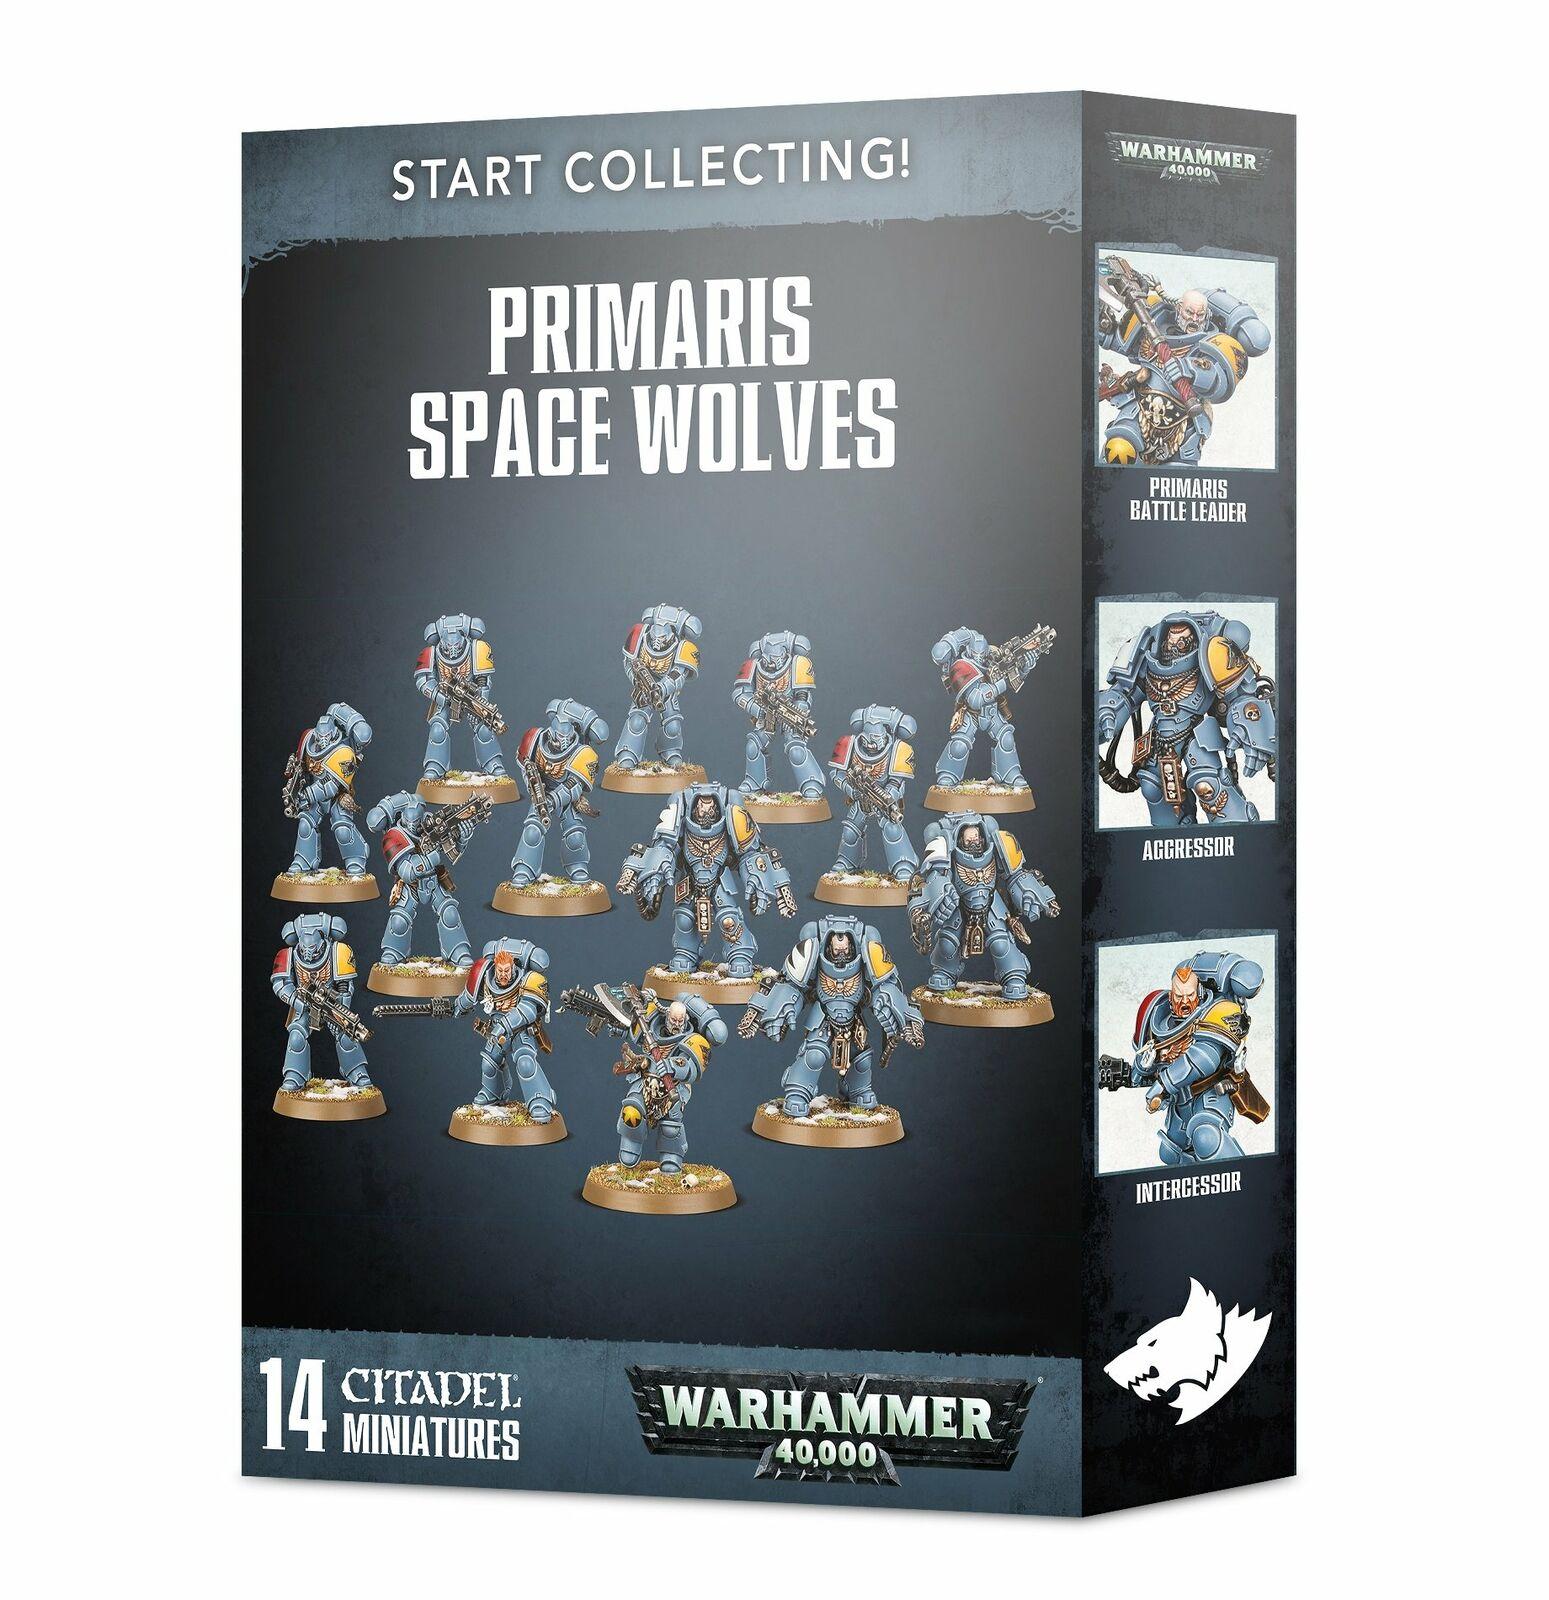 Estrellat Raccolta  Primaris spazio Lupi giocos lavoronegozio Warhammer 40.000 estrellater  con il 100% di qualità e il 100% di servizio